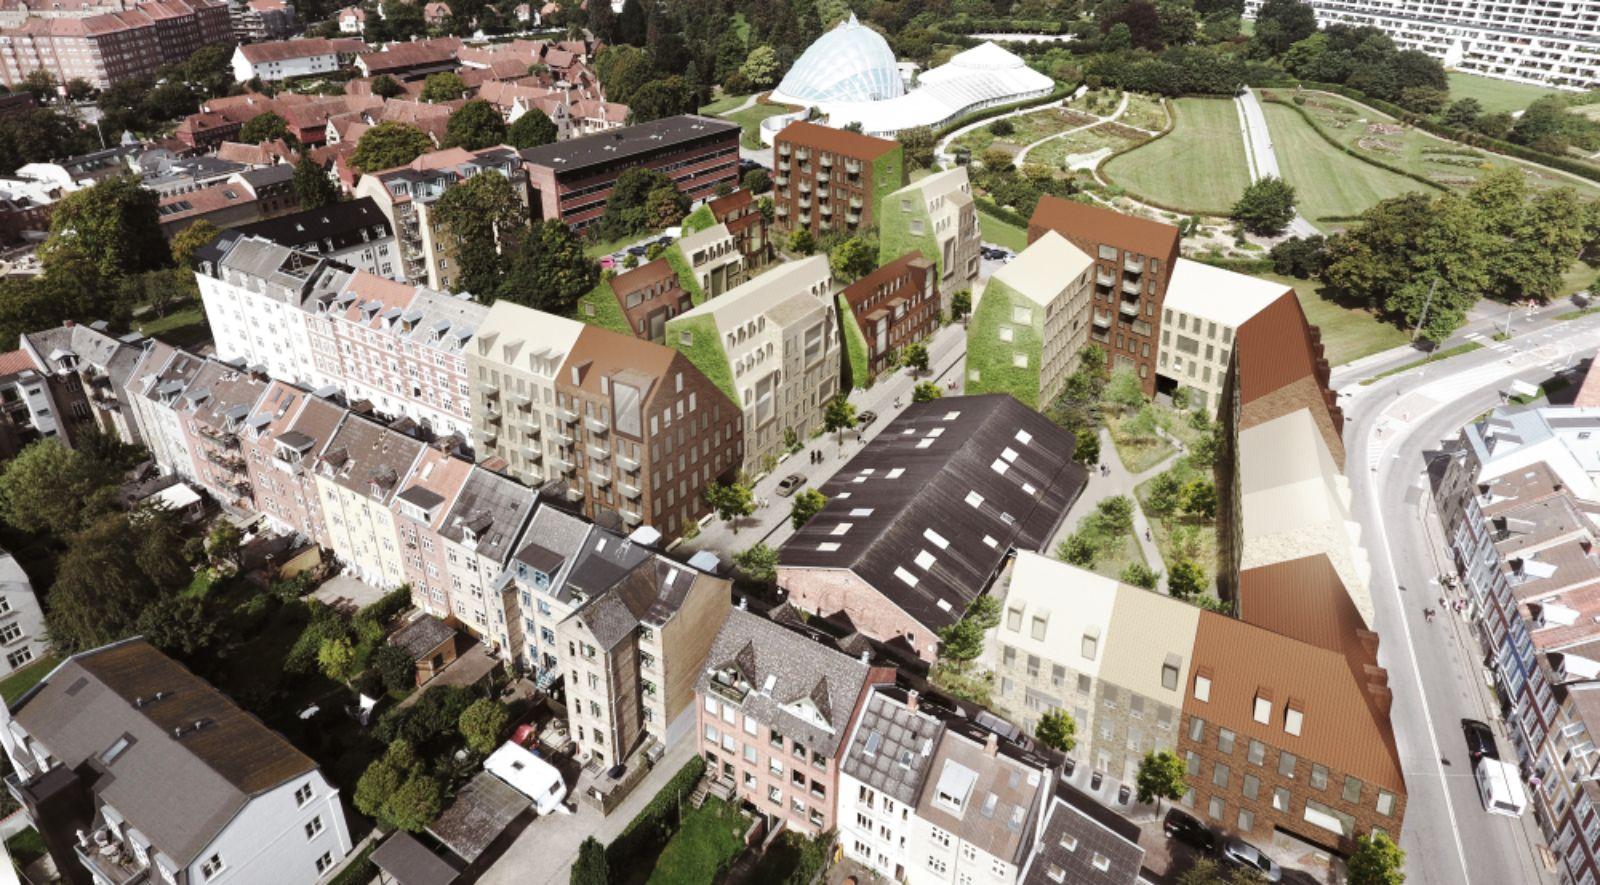 new street in historic part of Aarhus